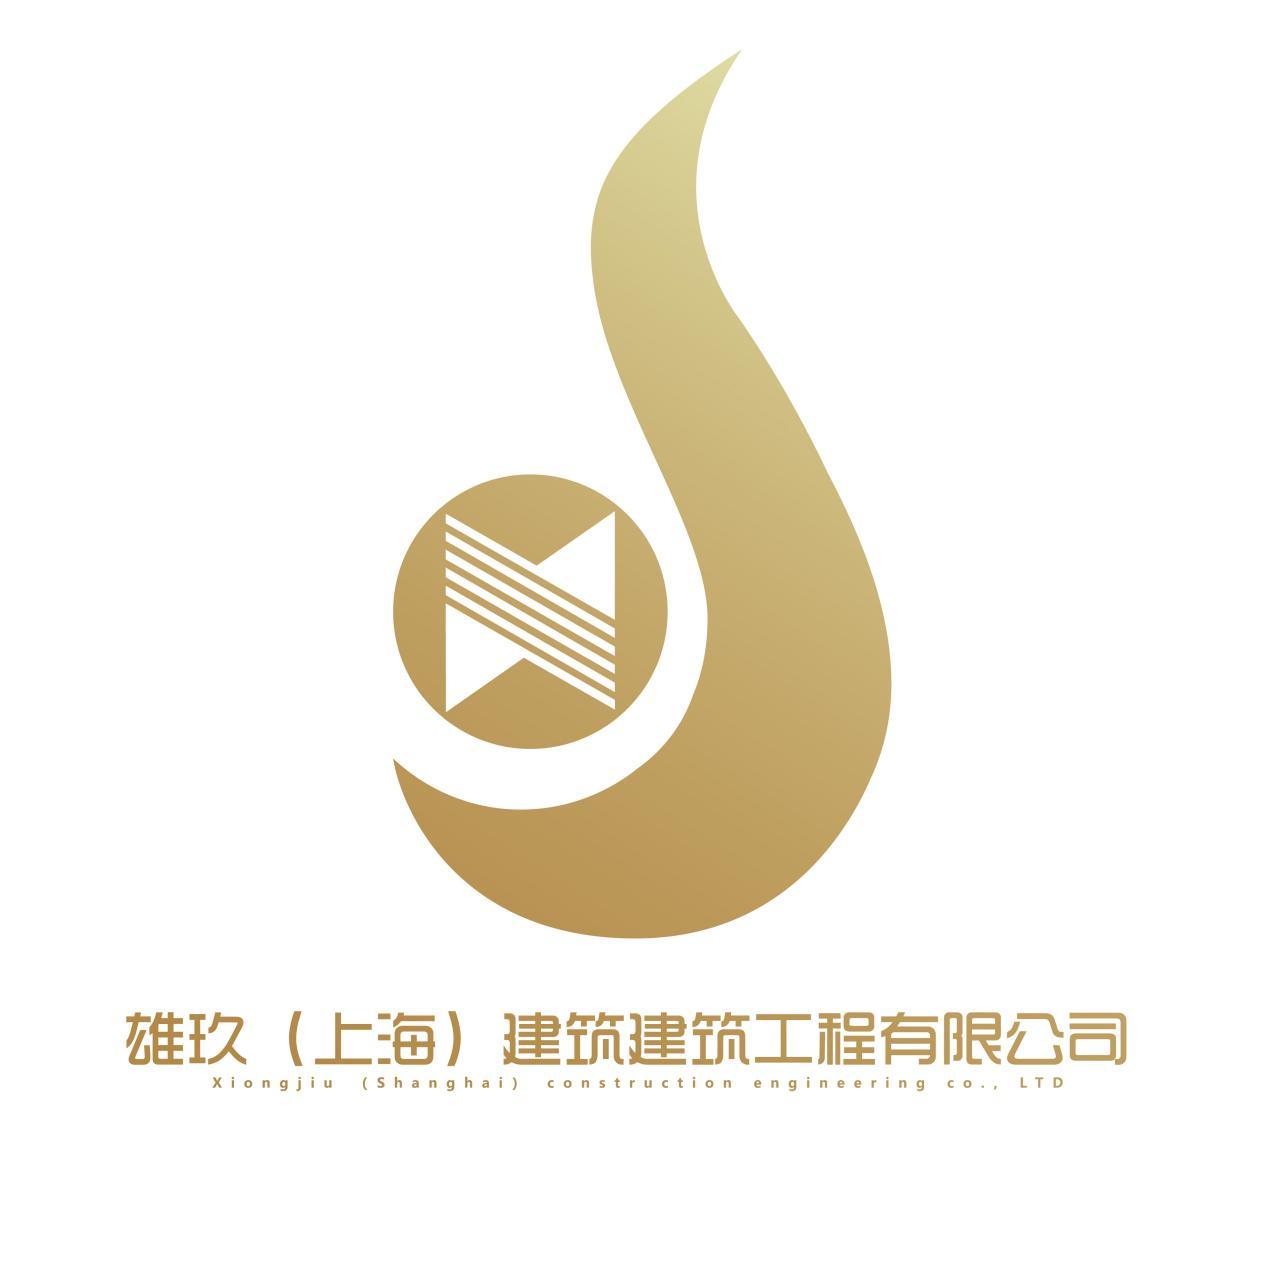 雄玖(上海)建筑工程有限公司喜迎创建三周年